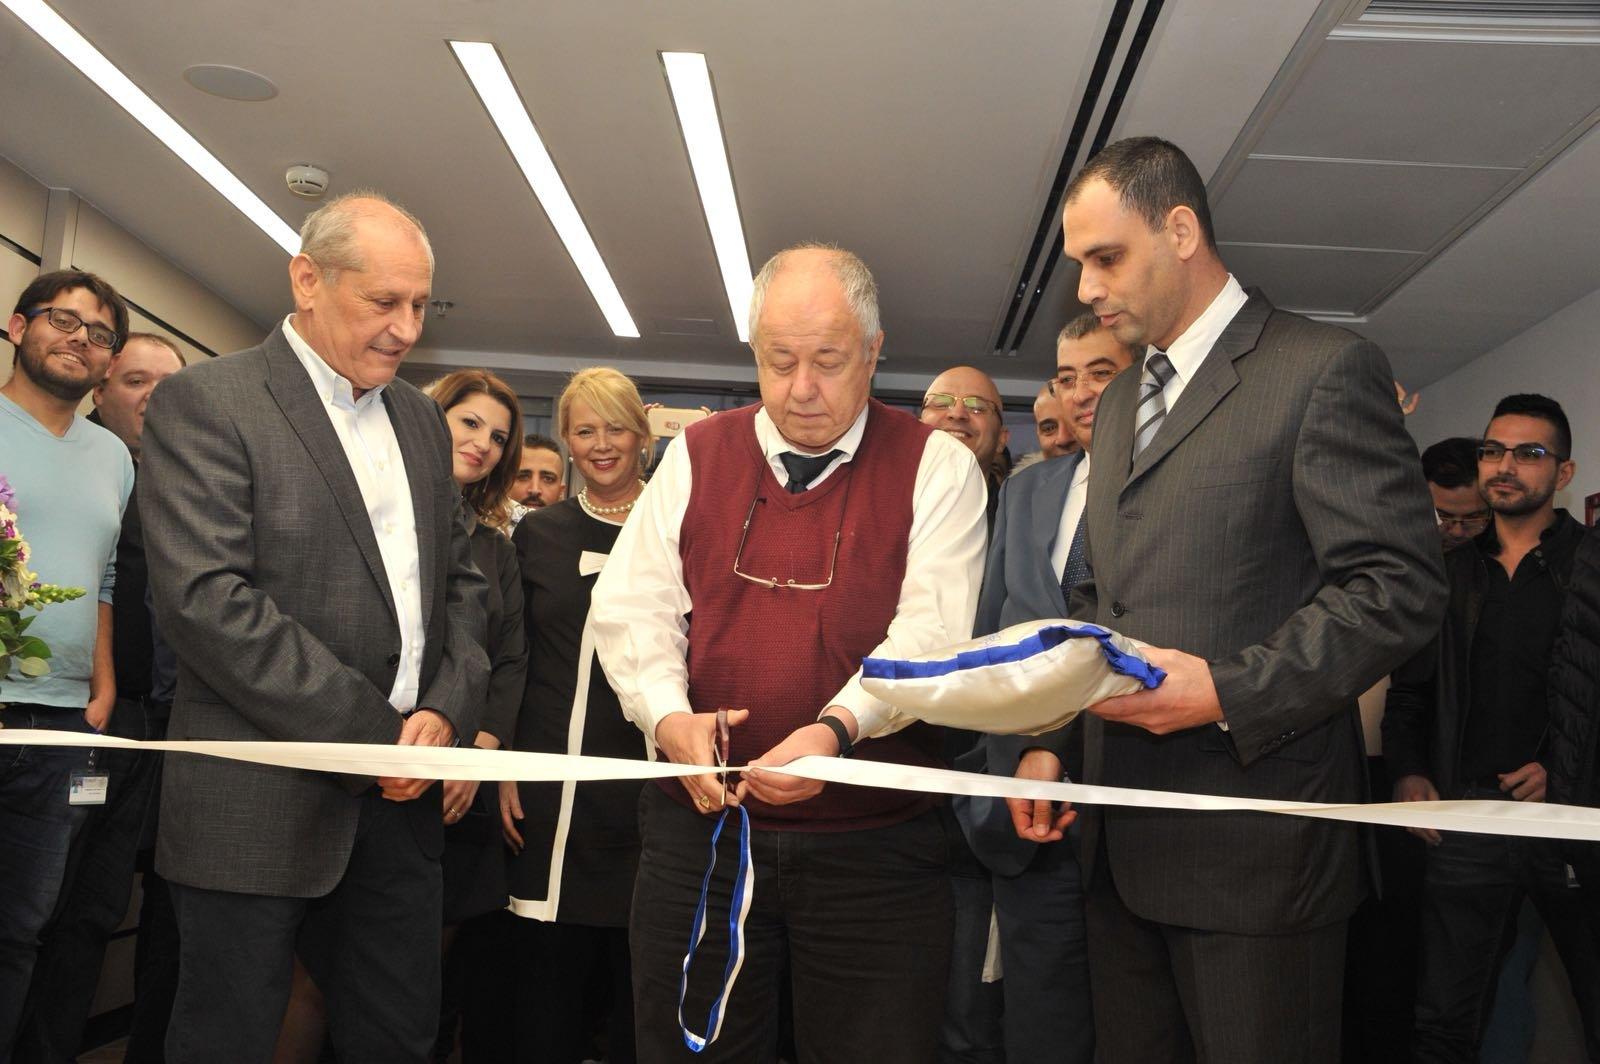 افتتاح مركز علاج الفم والفكين الاحدث والاكثر تطورا في المركز الطبي للجليل في نهاريا